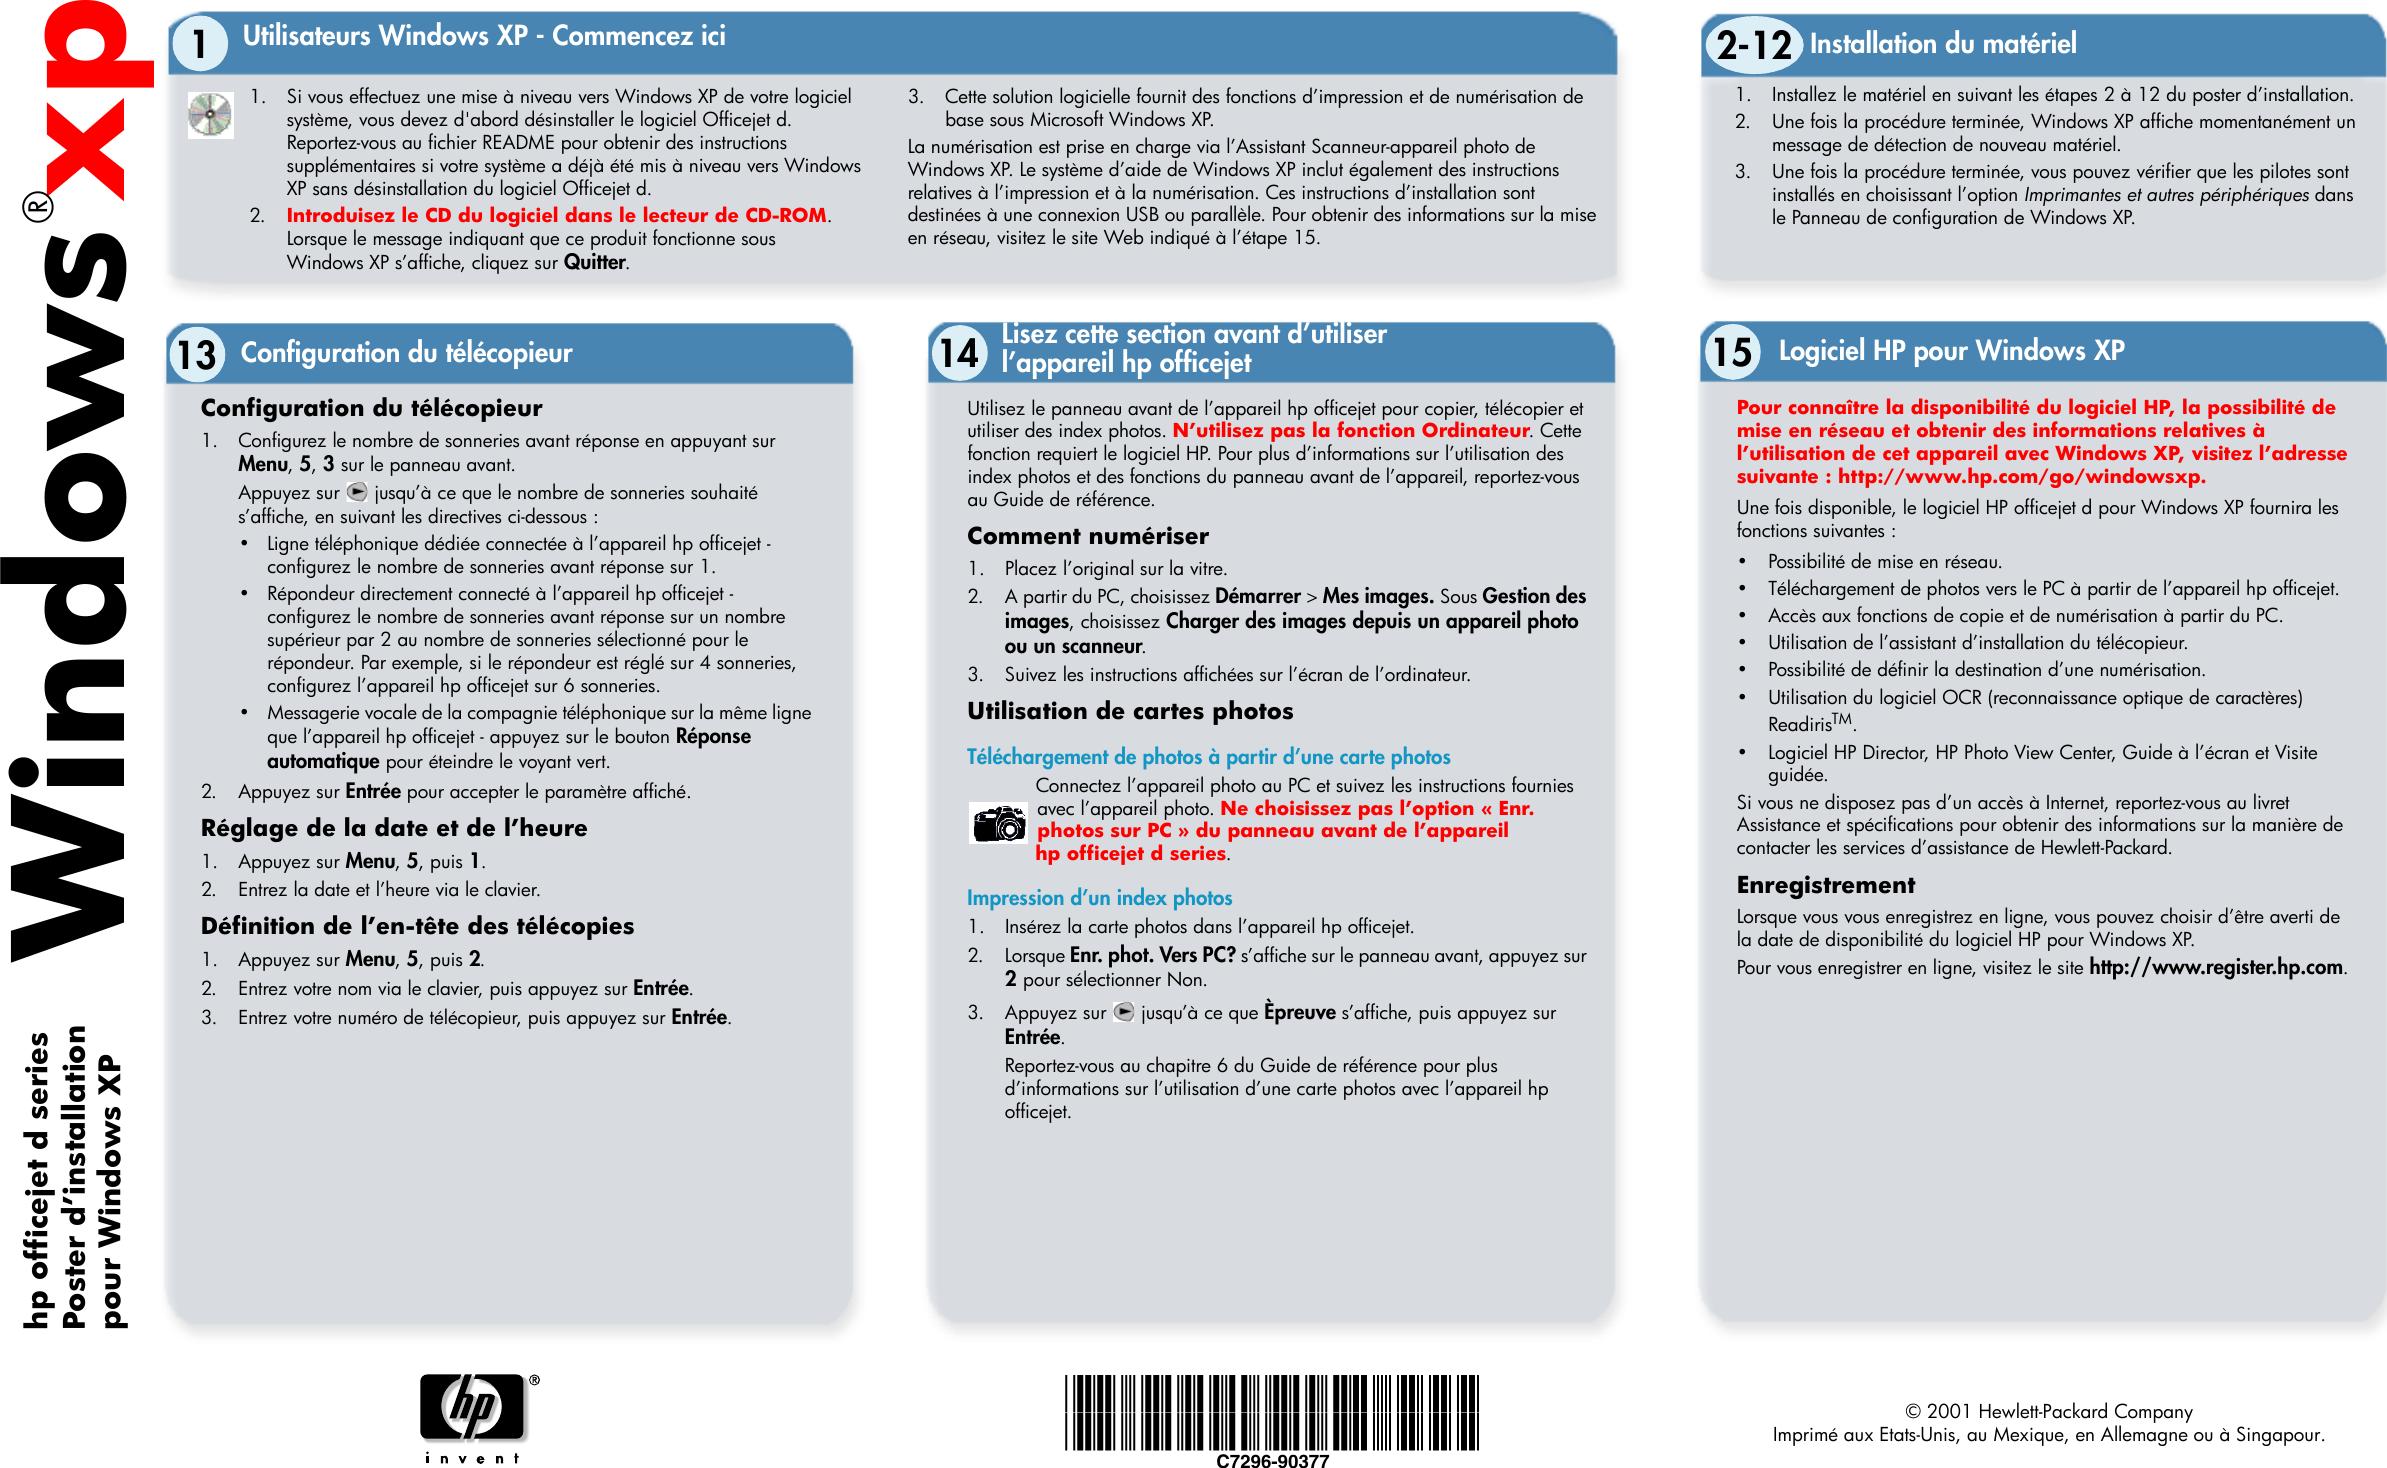 HP Gromit_XPFlyer_Oct31 Officejet D Series Windows XP